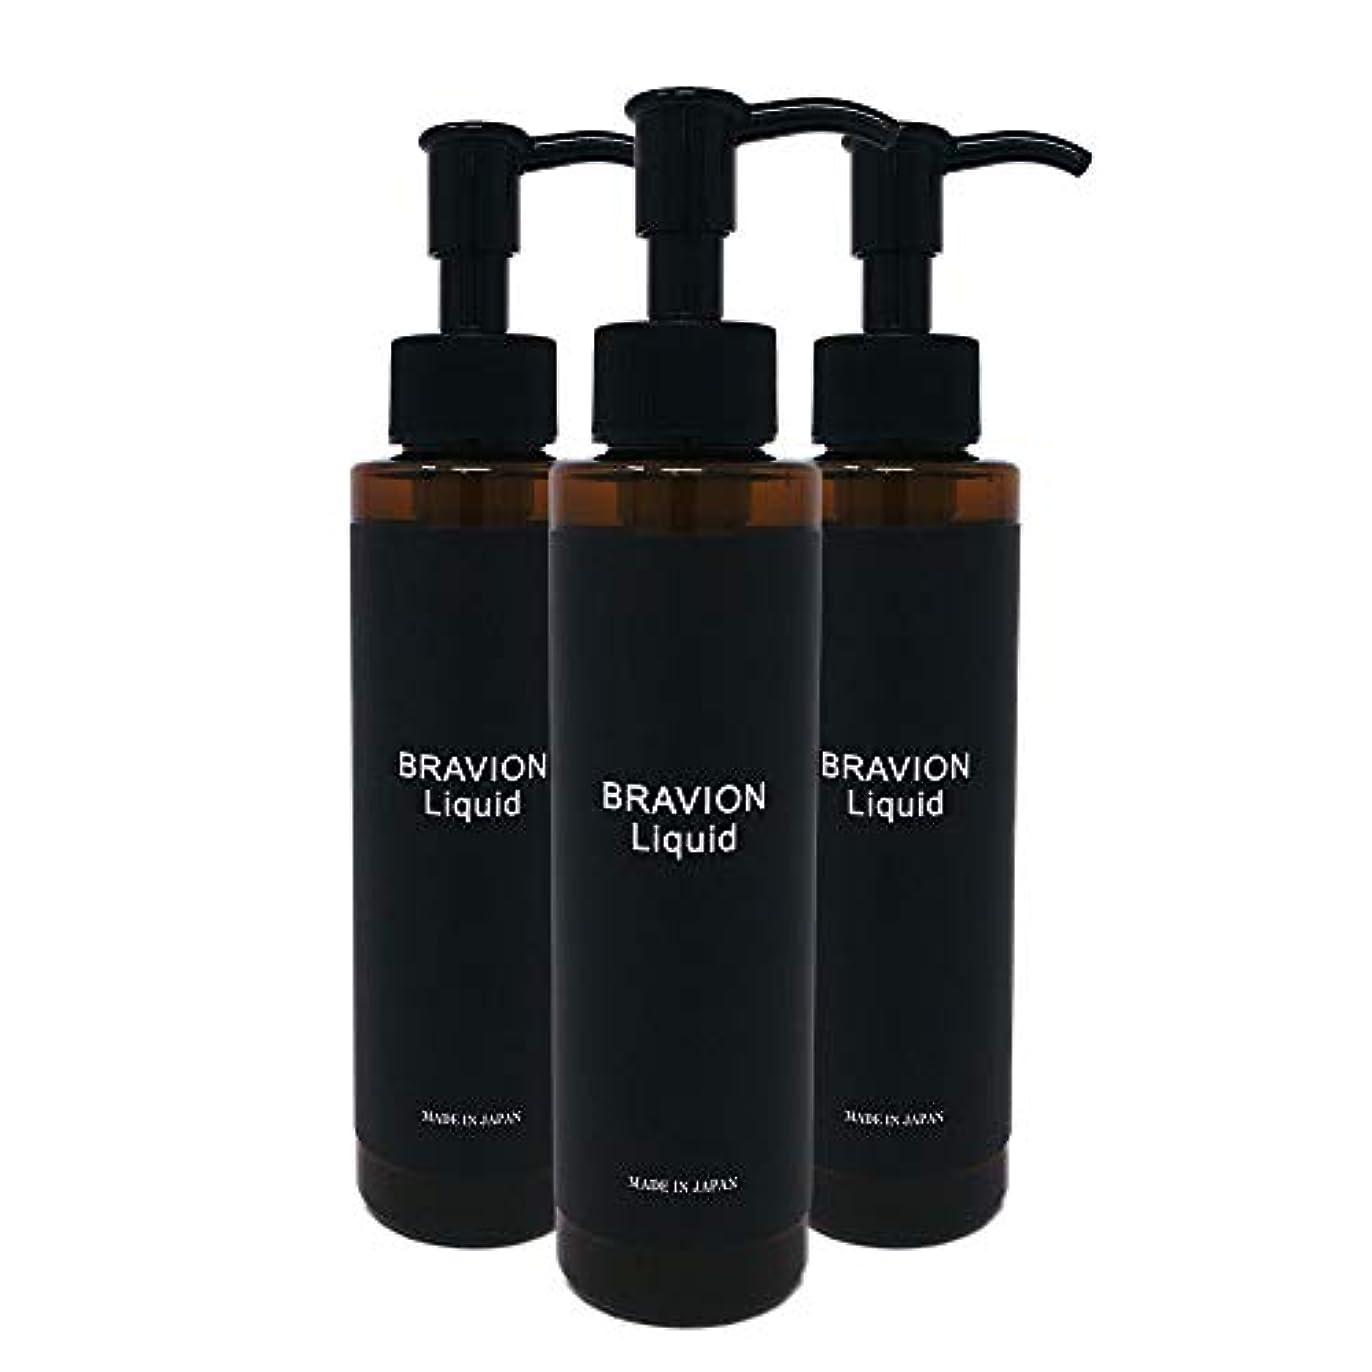 BRAVION Liquid (ブラビオンリキッド) 公式通販_150mg 3本セット